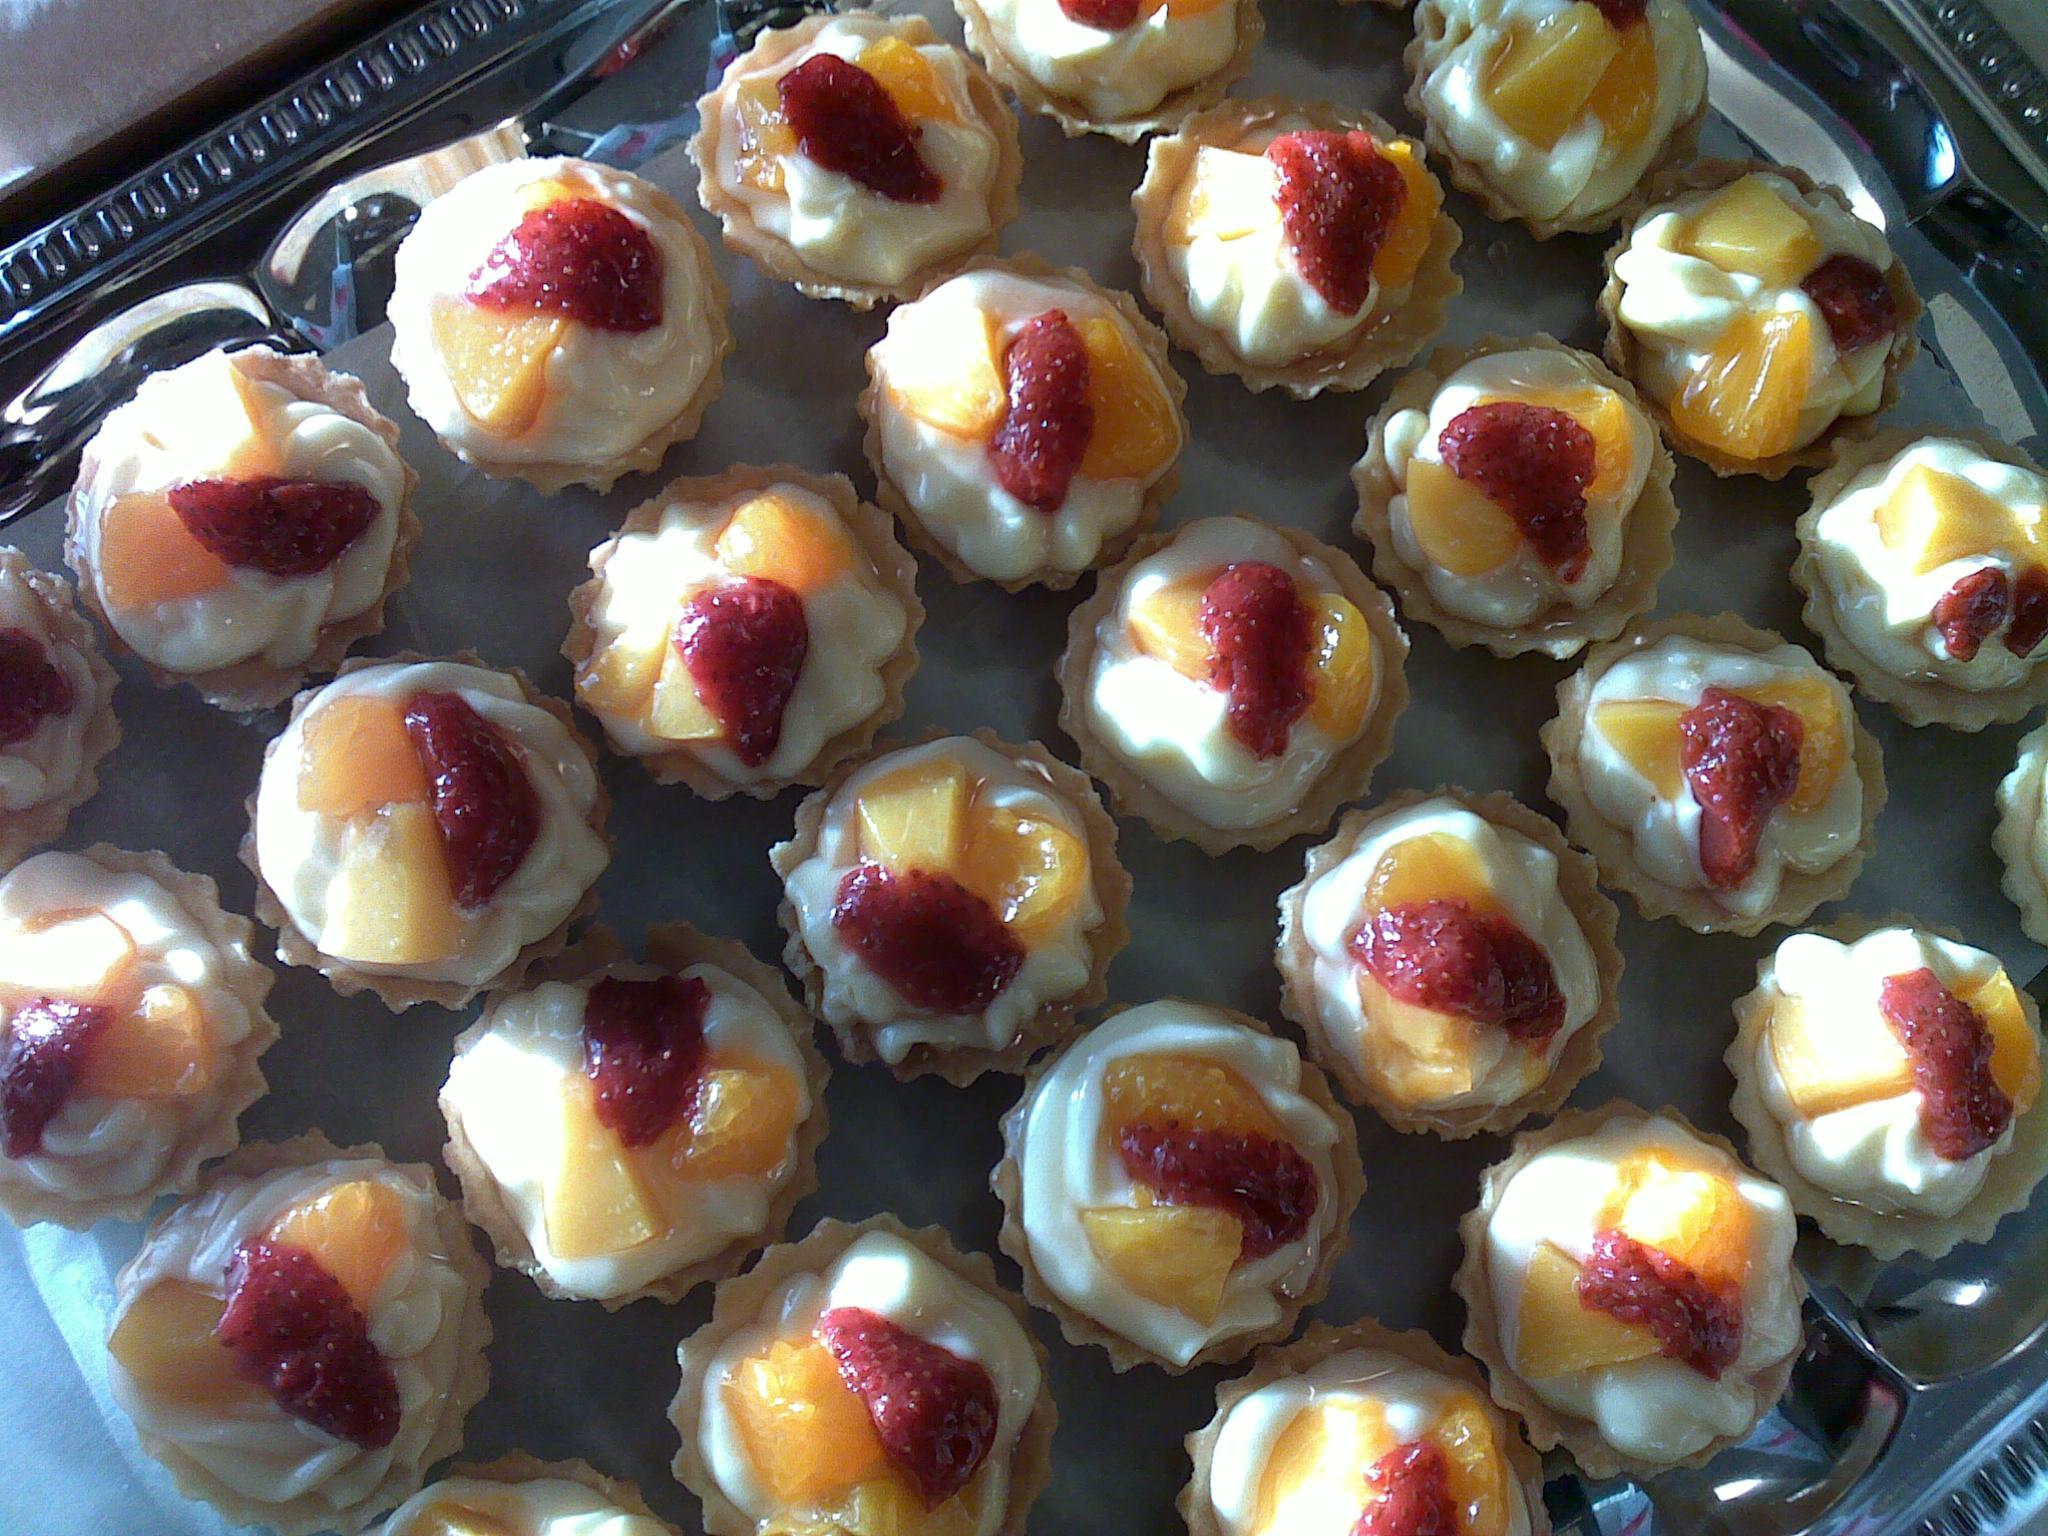 Recept Ovocné košíčky - Opravdu chutnají jako z cukrárny.